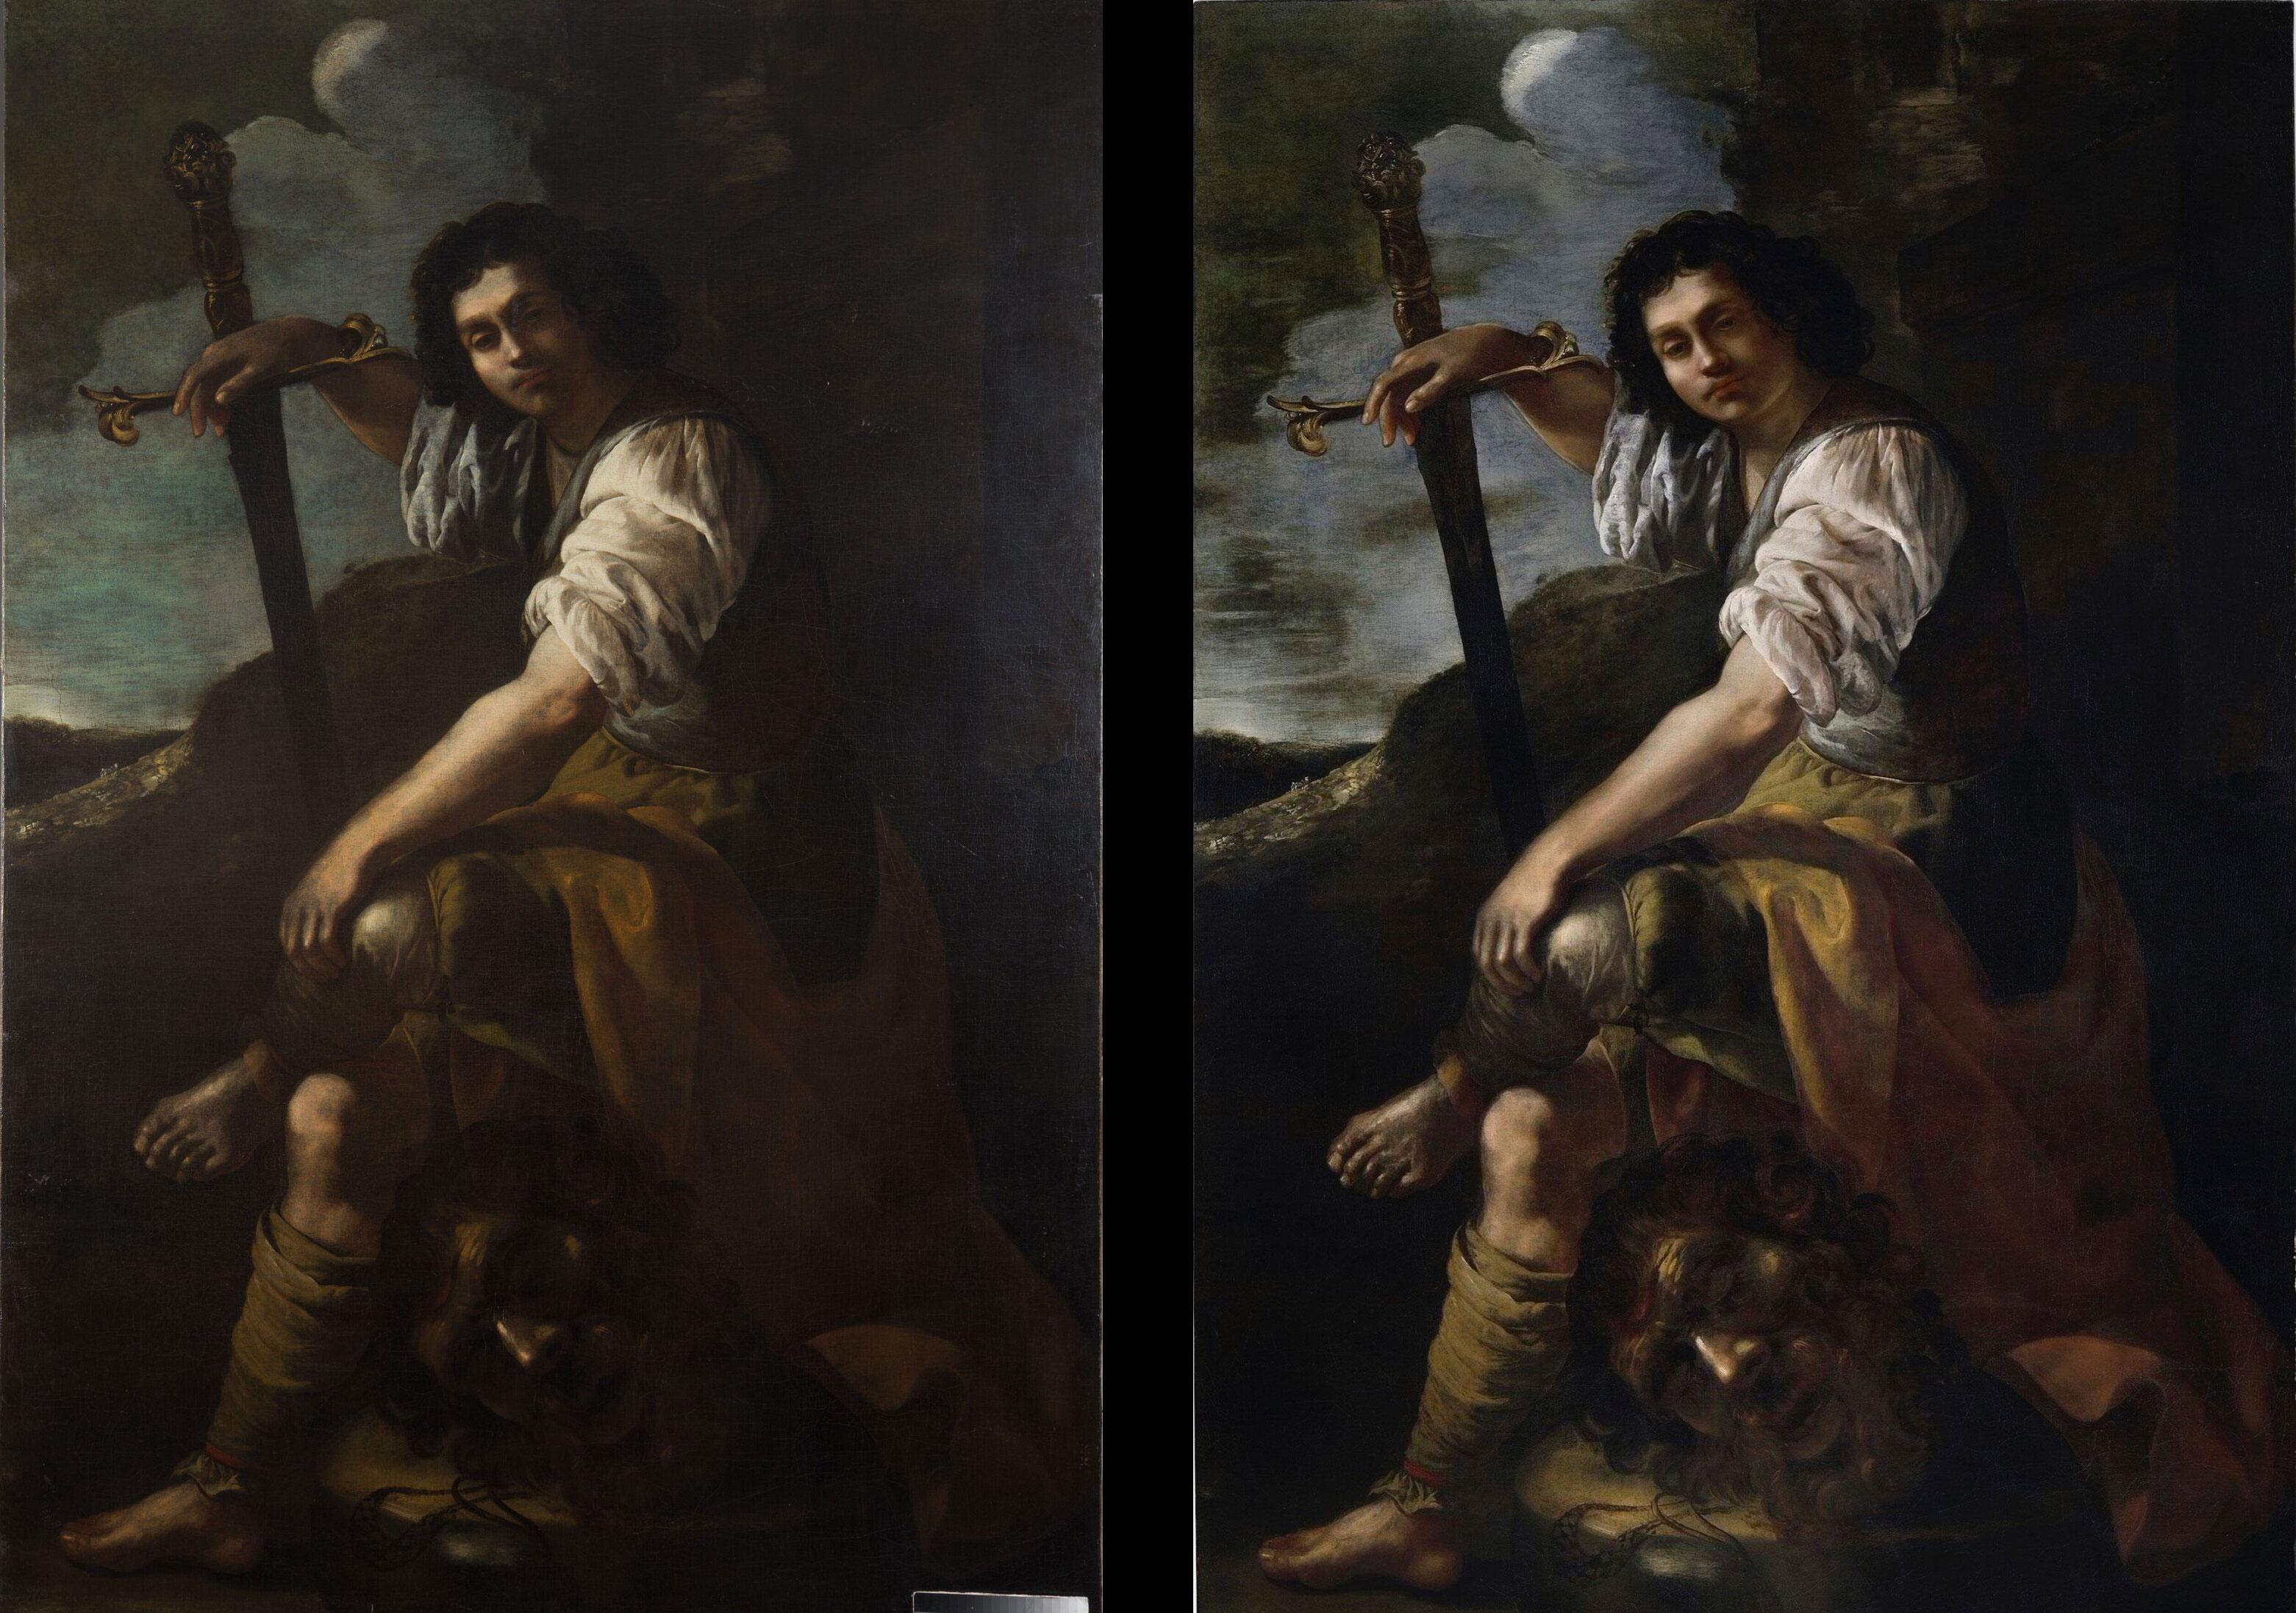 """Un """"Davide e Golia"""" assegnato definitivamente e senza dubbi ad Artemisia Gentileschi cerca un museo che lo esponga"""